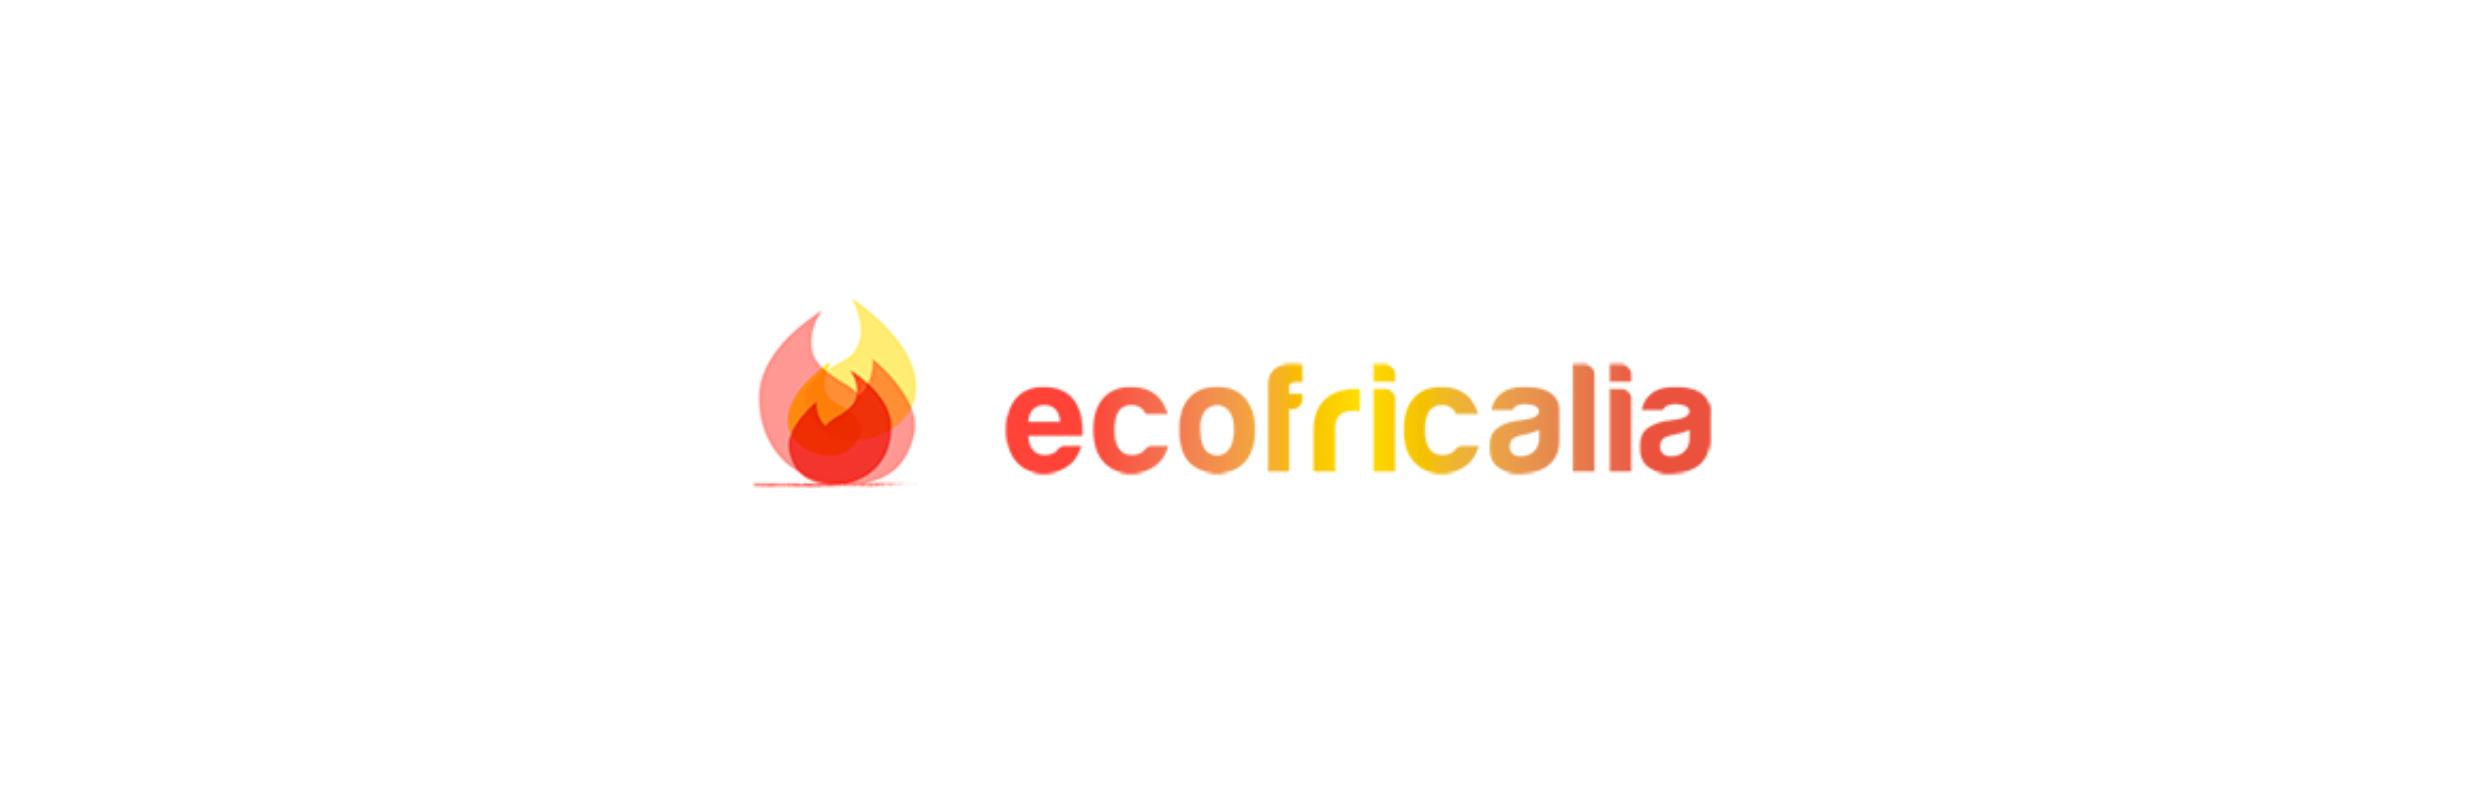 Ecofricalia Logo